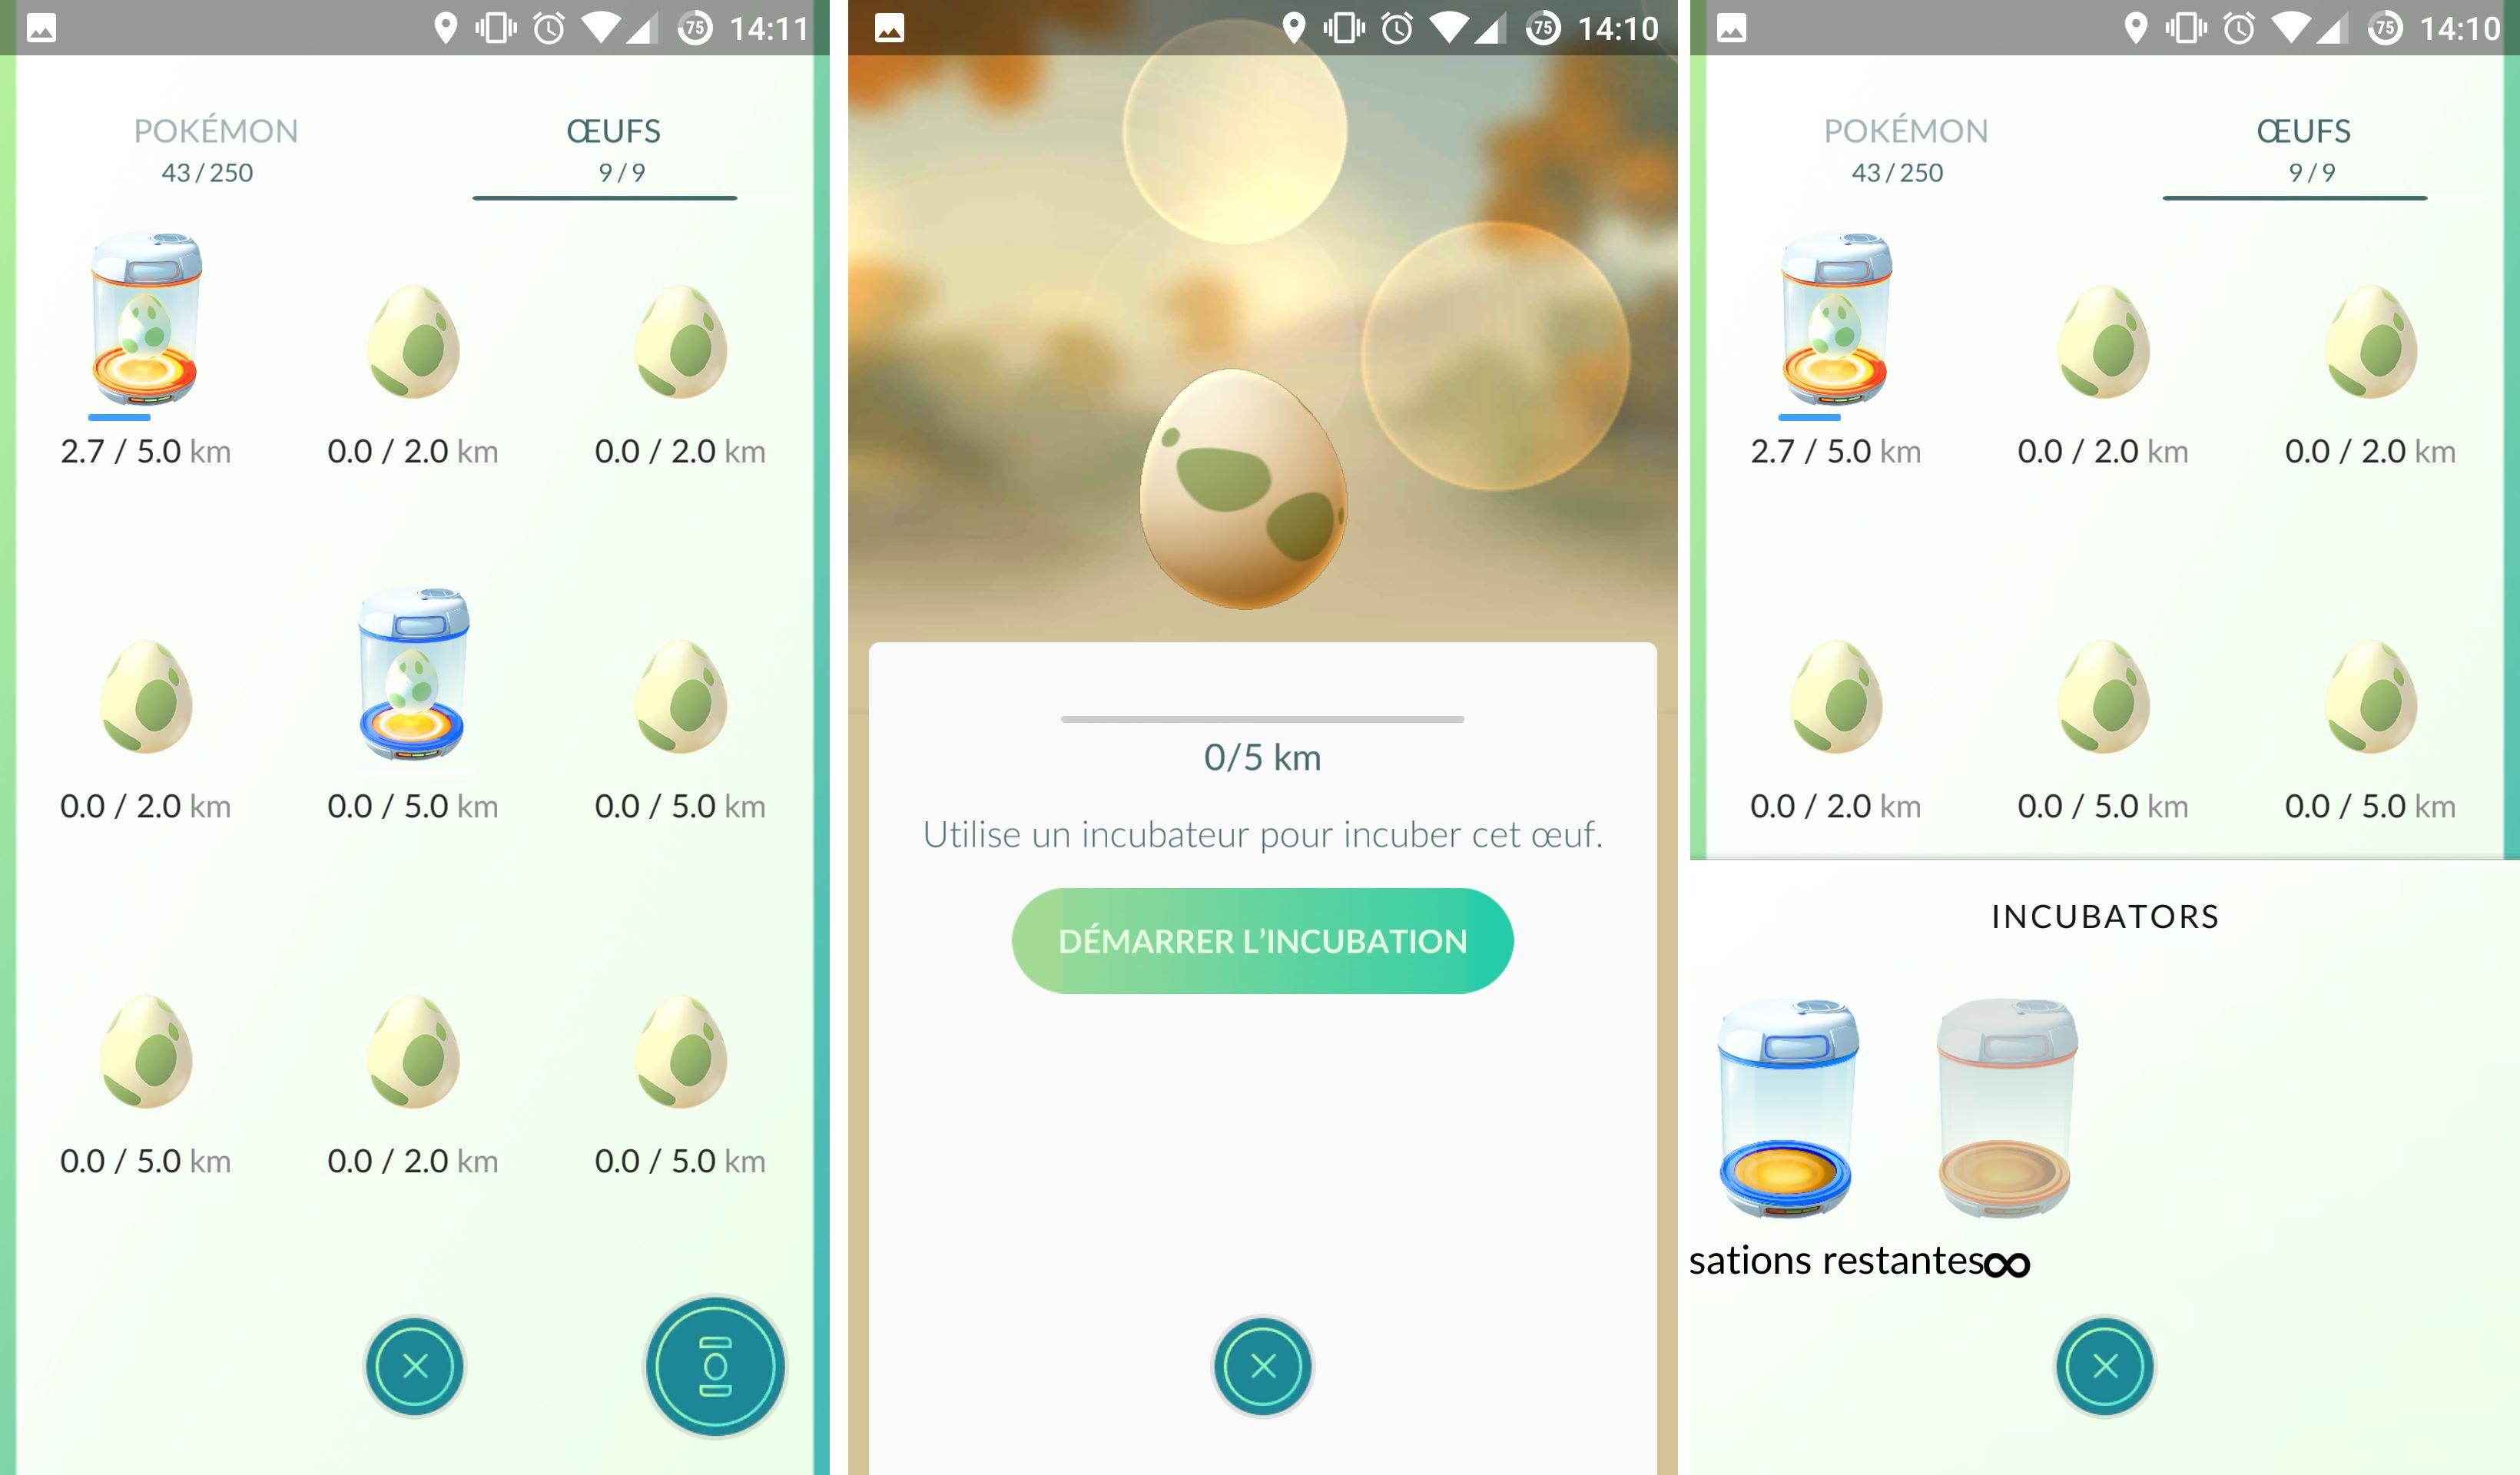 Mise à jour Pokémon GO 0.41.4 disponible sur le Play Store, découvrez les nouveautés